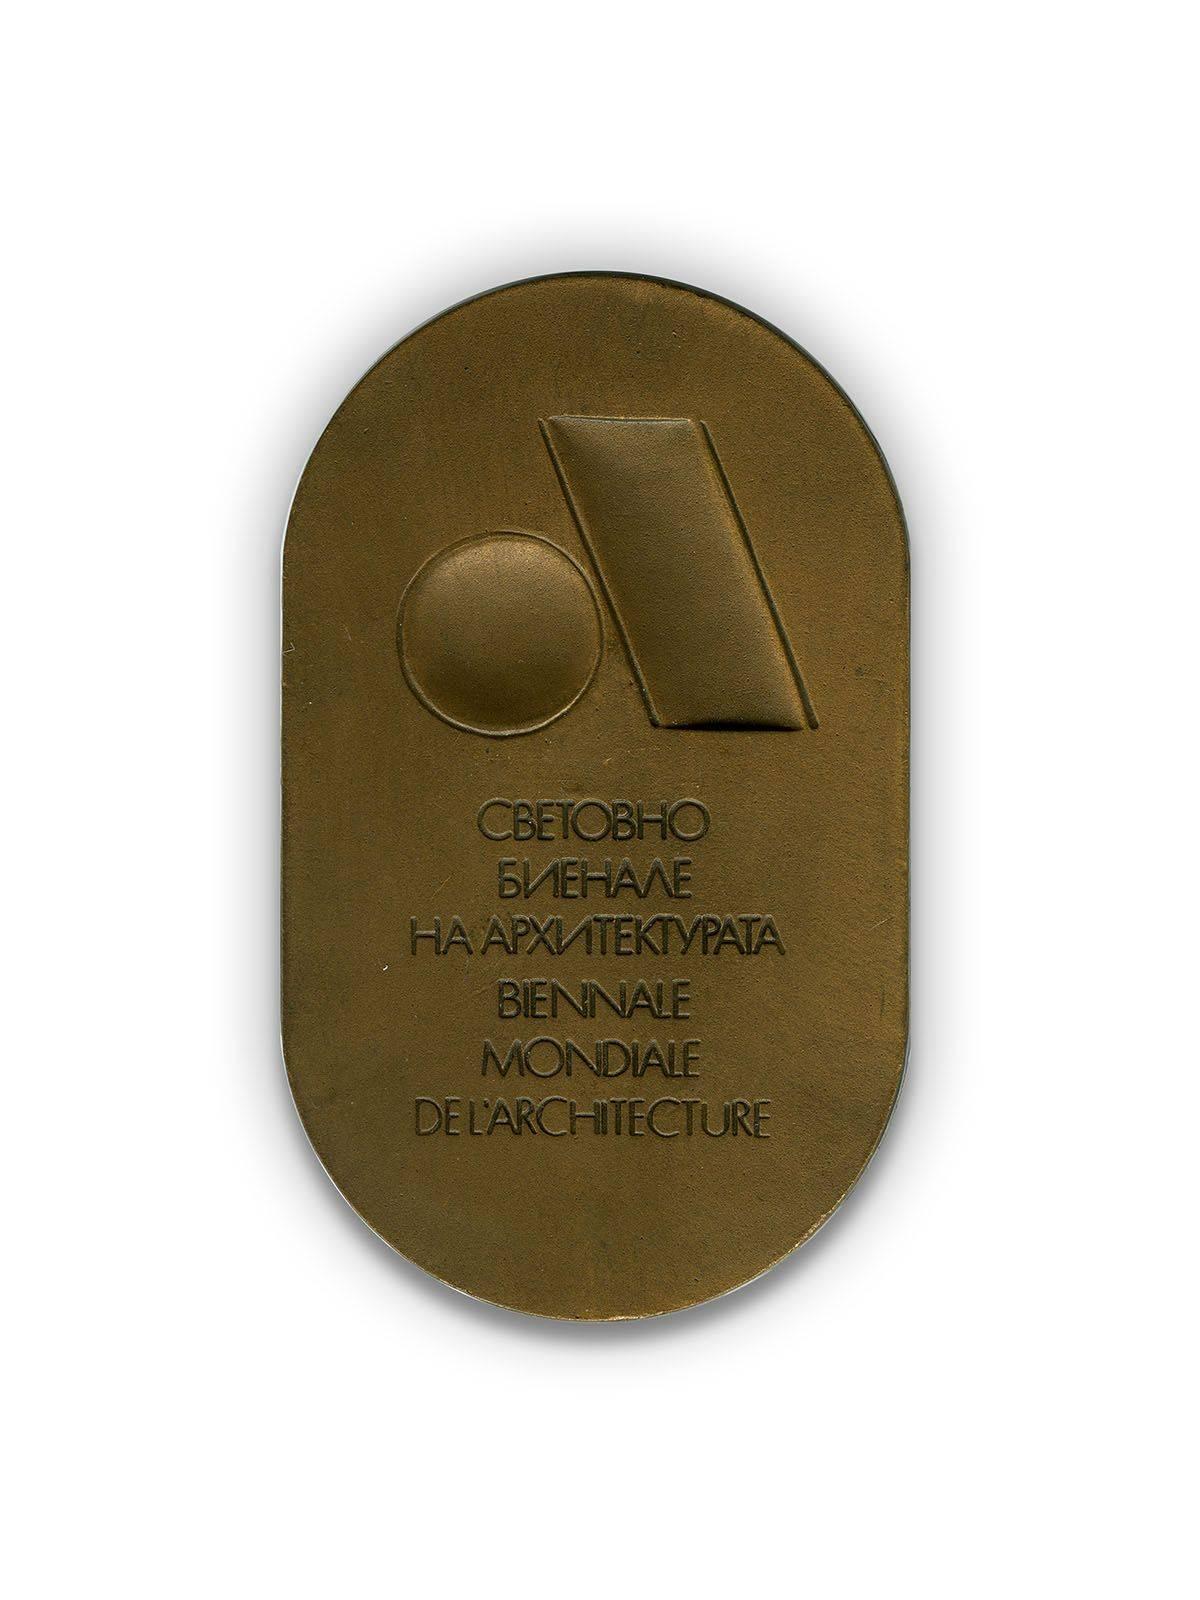 Медаль лауреата всемирного биеннале архитектуры 1985